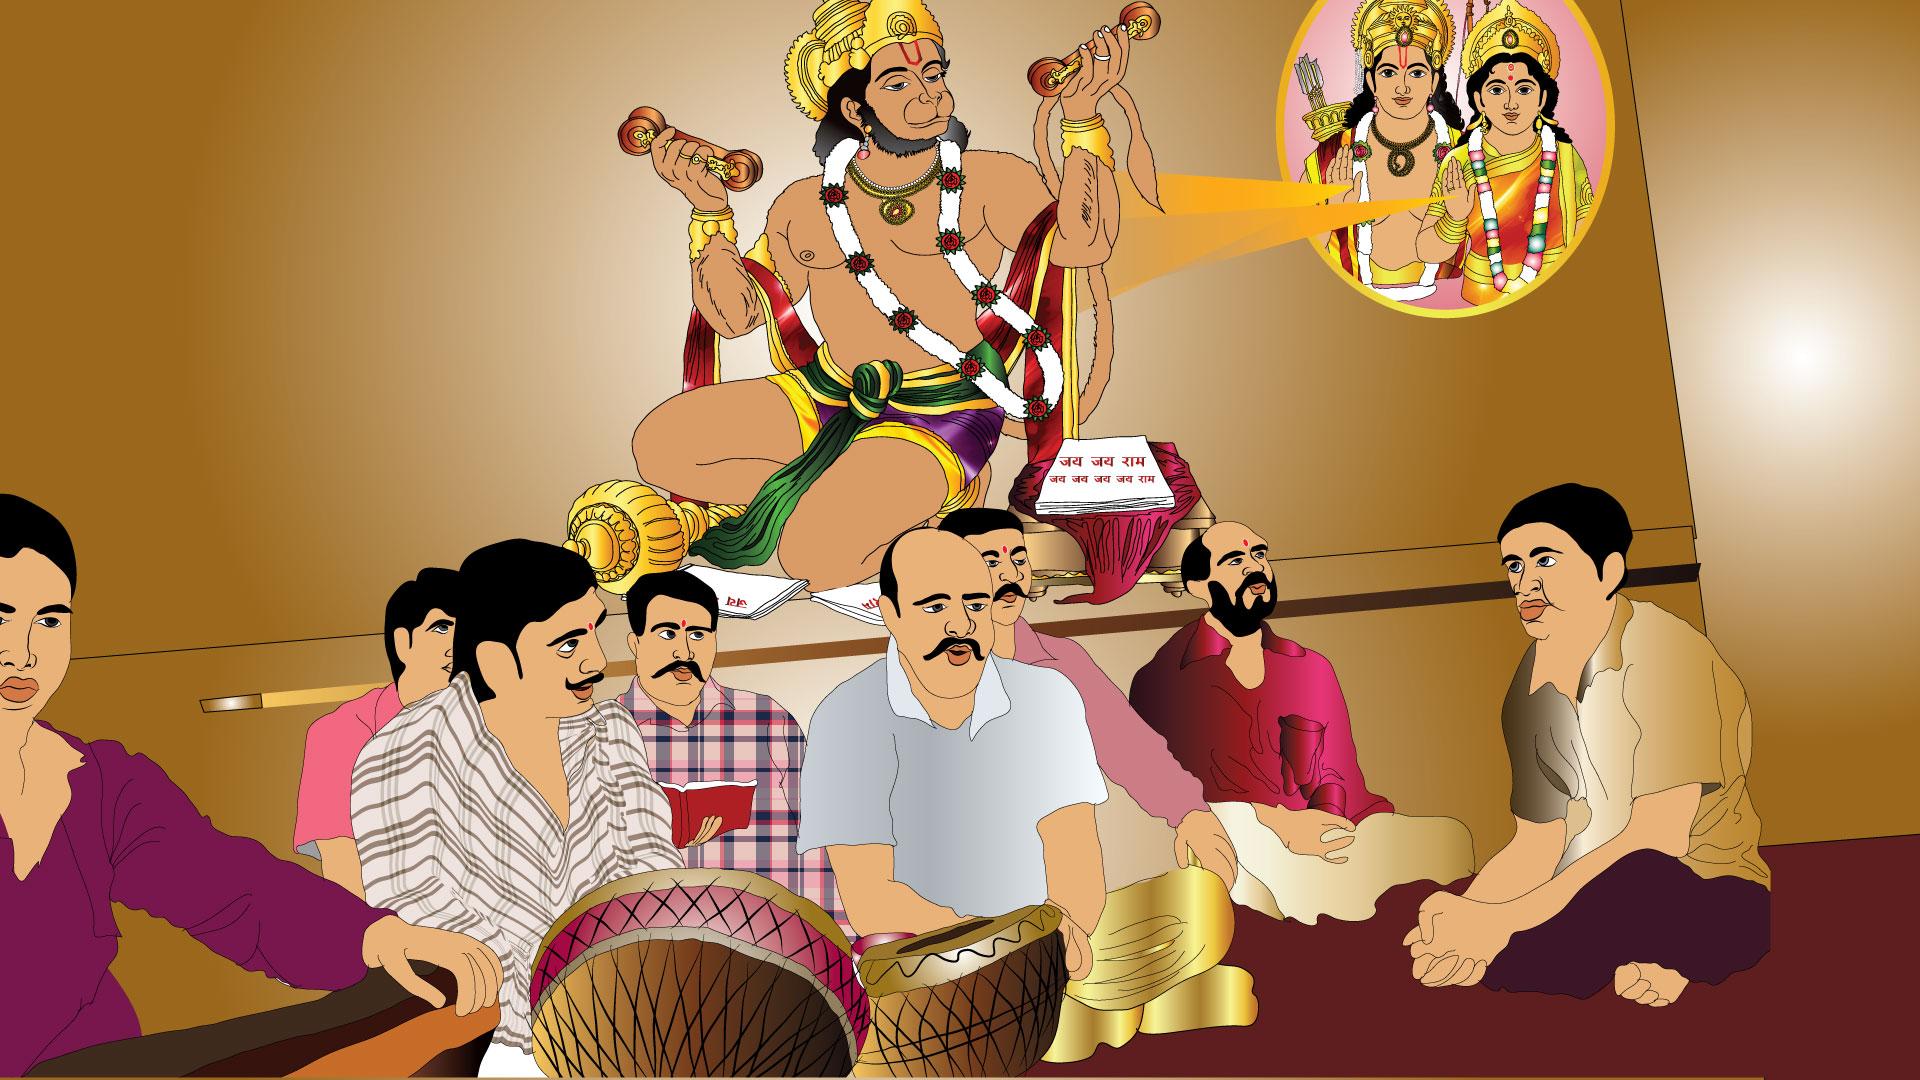 Hanuman HD wallpaper for download in laptop and desktop